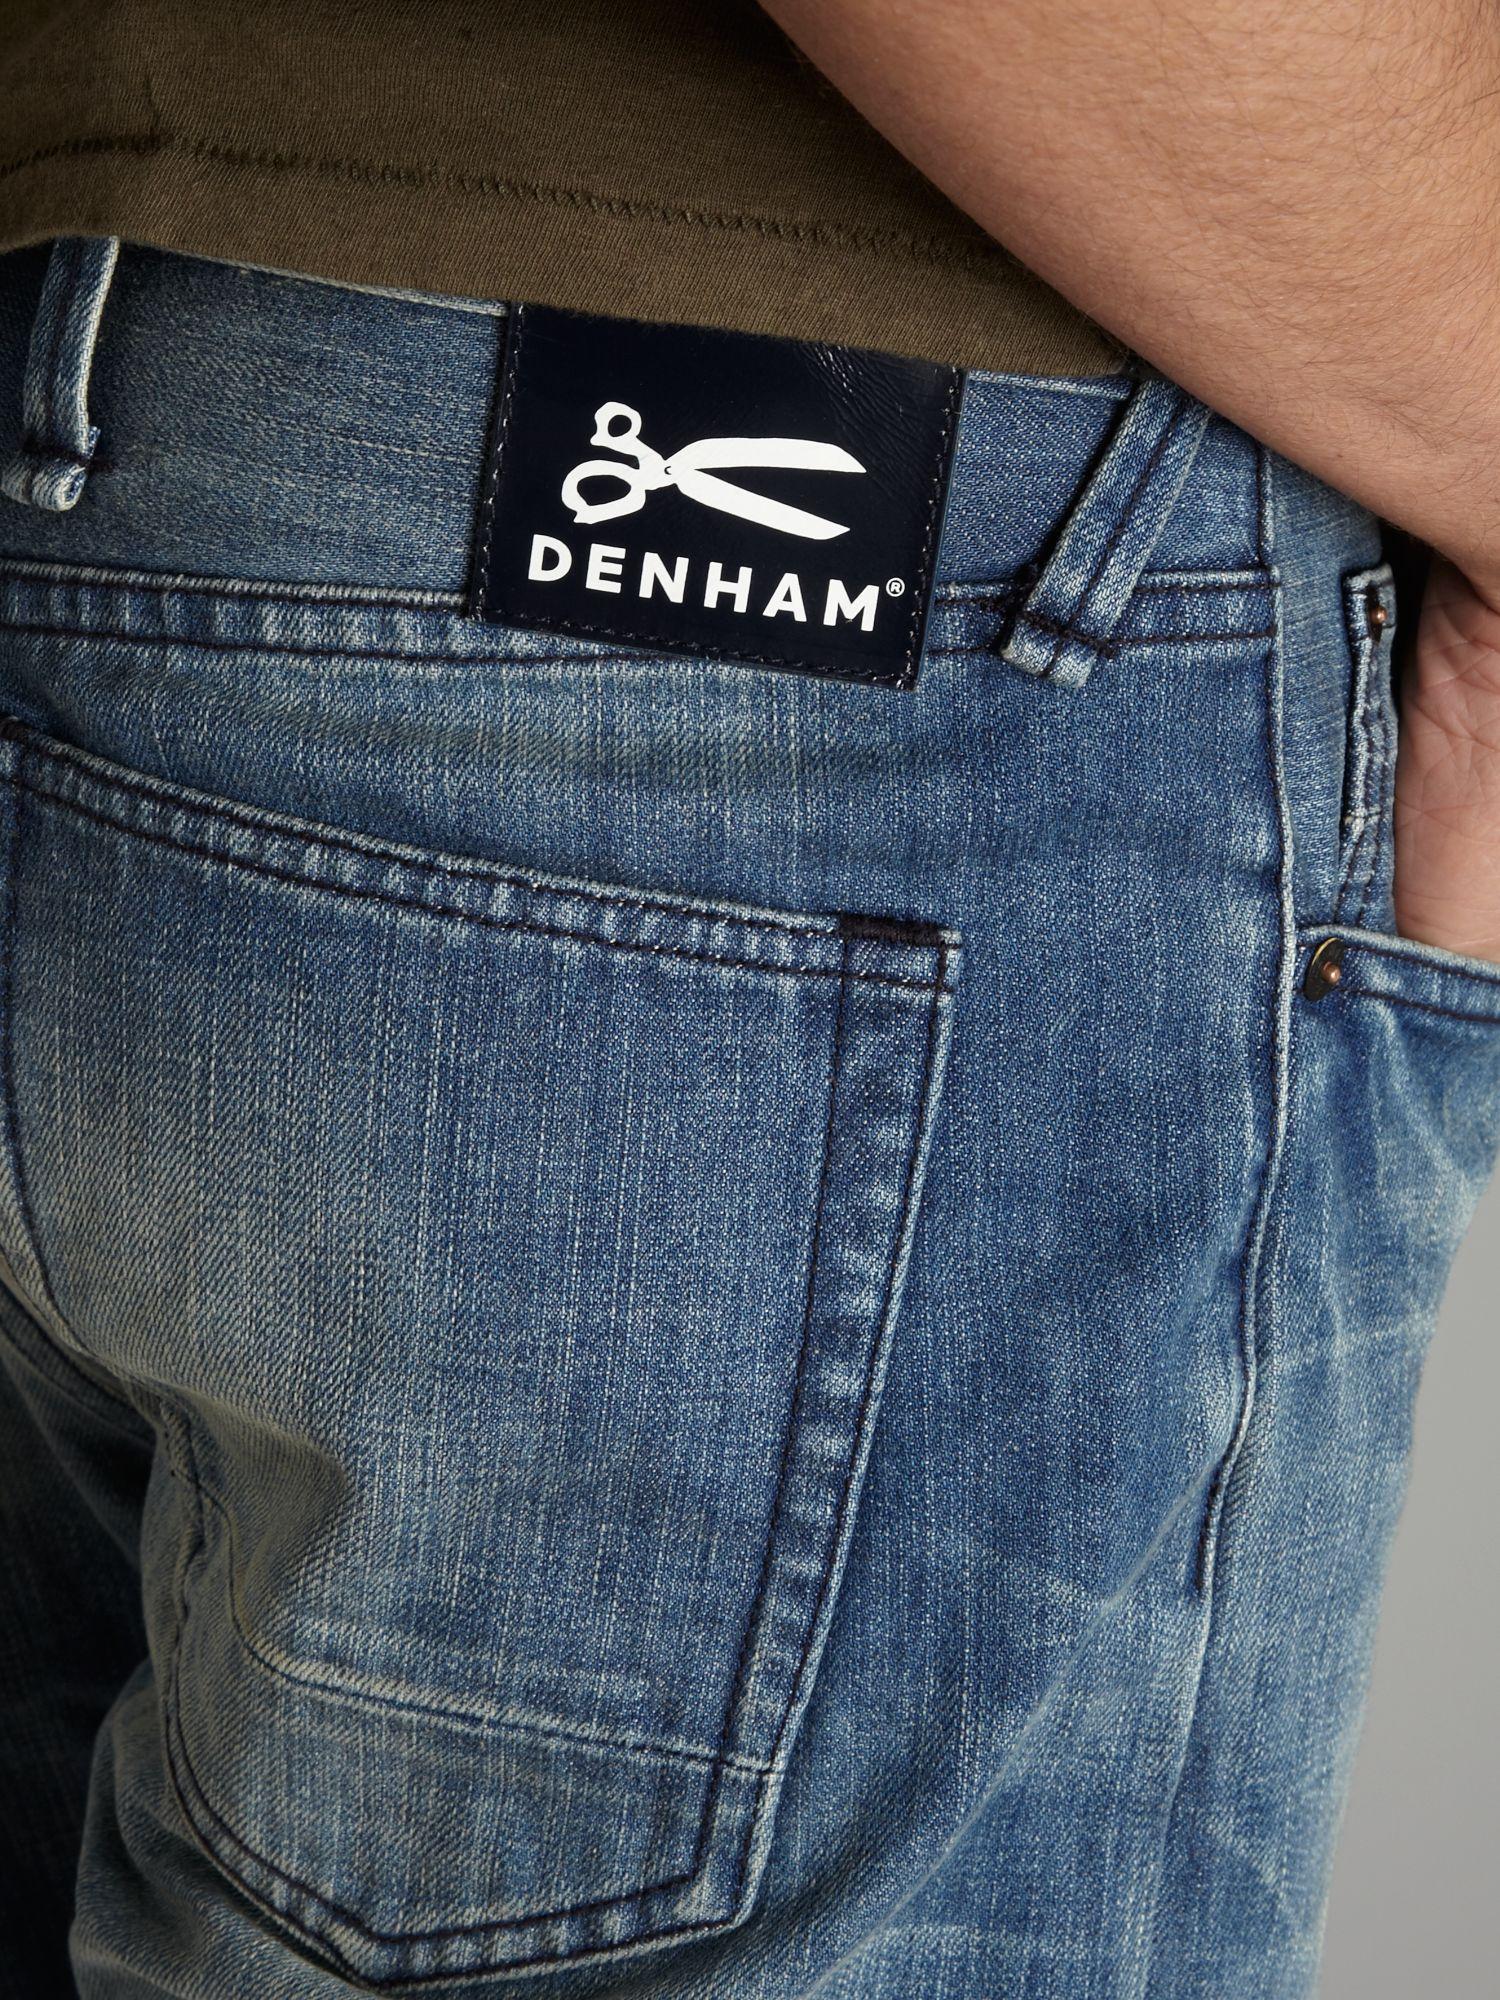 Denham Tapered Light Wash Jeans in Denim Light Wash (Blue) for Men